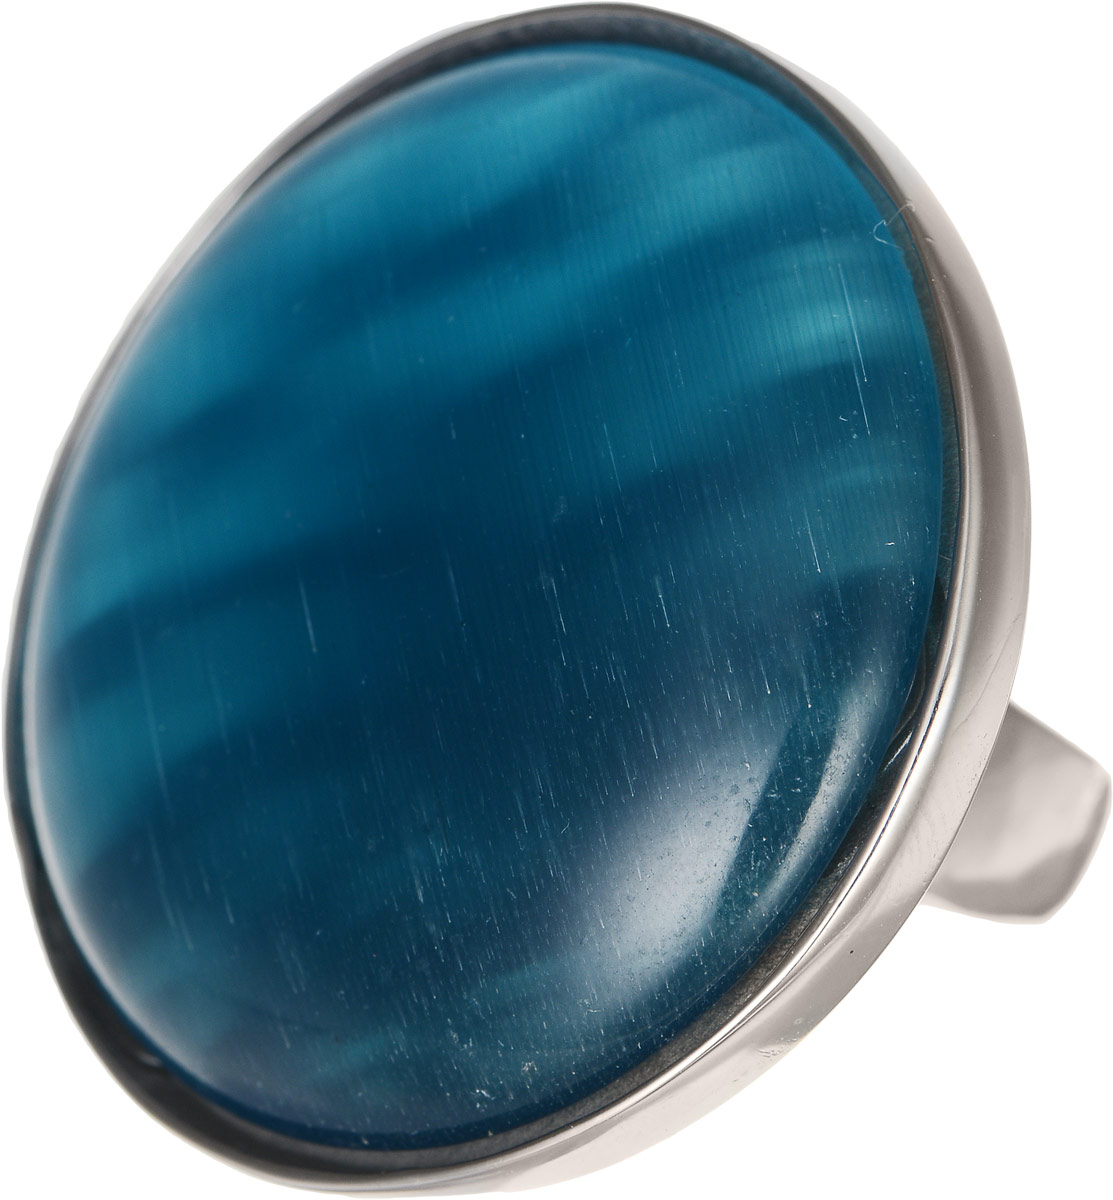 Кольцо Polina Selezneva, цвет: серебристый, синий. DG-0008. Размер 17Коктейльное кольцоОригинальное кольцо Polina Selezneva выполнено из бижутерийного сплава. Изделие круглой формы, дополнено искусственным камнем. Такое кольцо это блестящее завершение вашего неповторимого, смелого образа и отличный подарок для ценительницы необычных украшений!